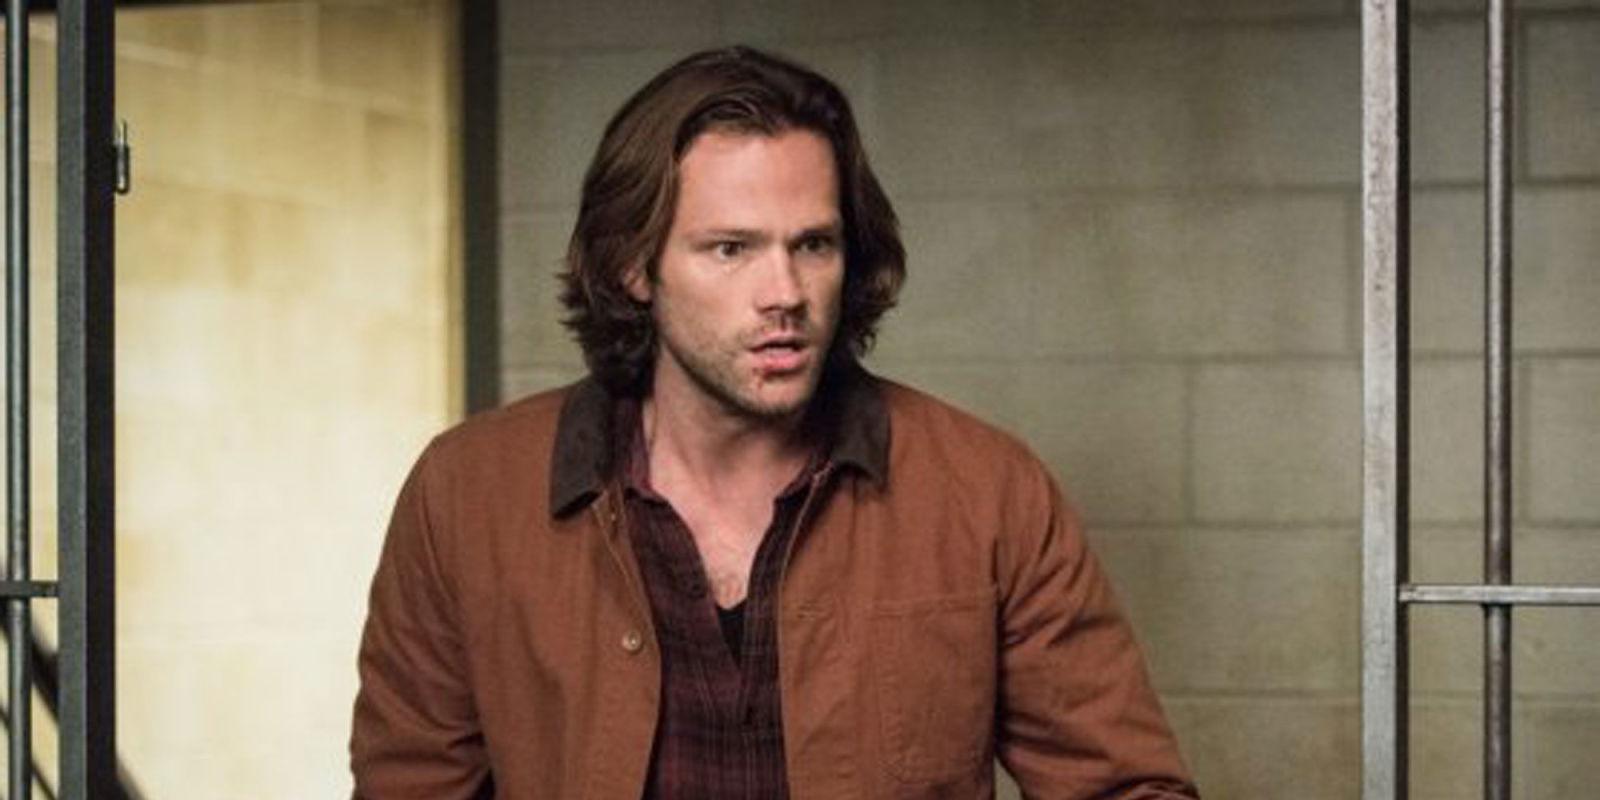 Supernaturals Season 13 Premiere Drops Big Castiel Reveal Supernatural 1 12 Serial Tv Series